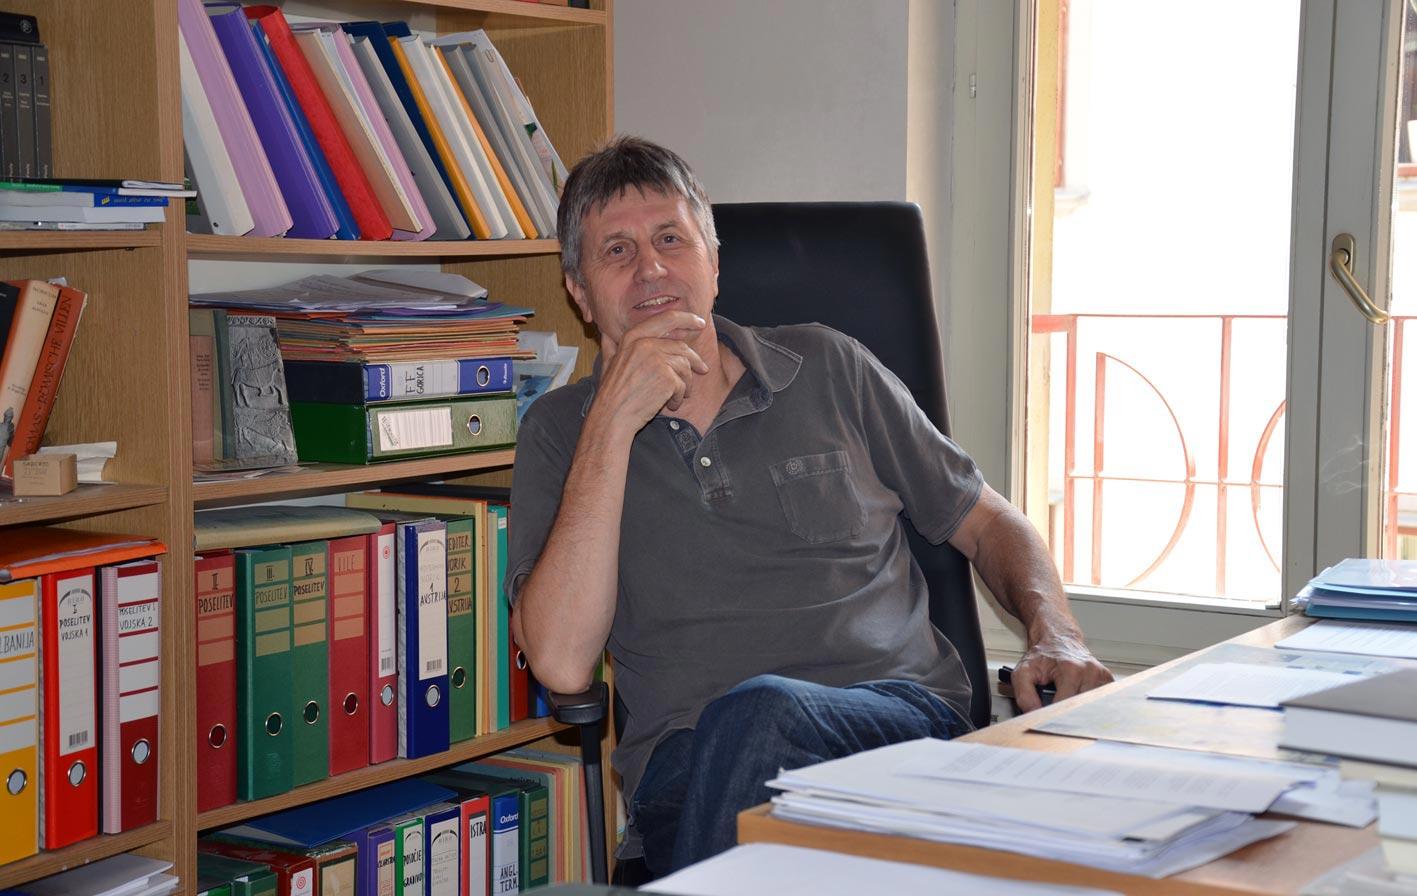 Znanstveni savjetnik, dr. Slavko Ciglenečki u svom uredu. Foto: VJB.